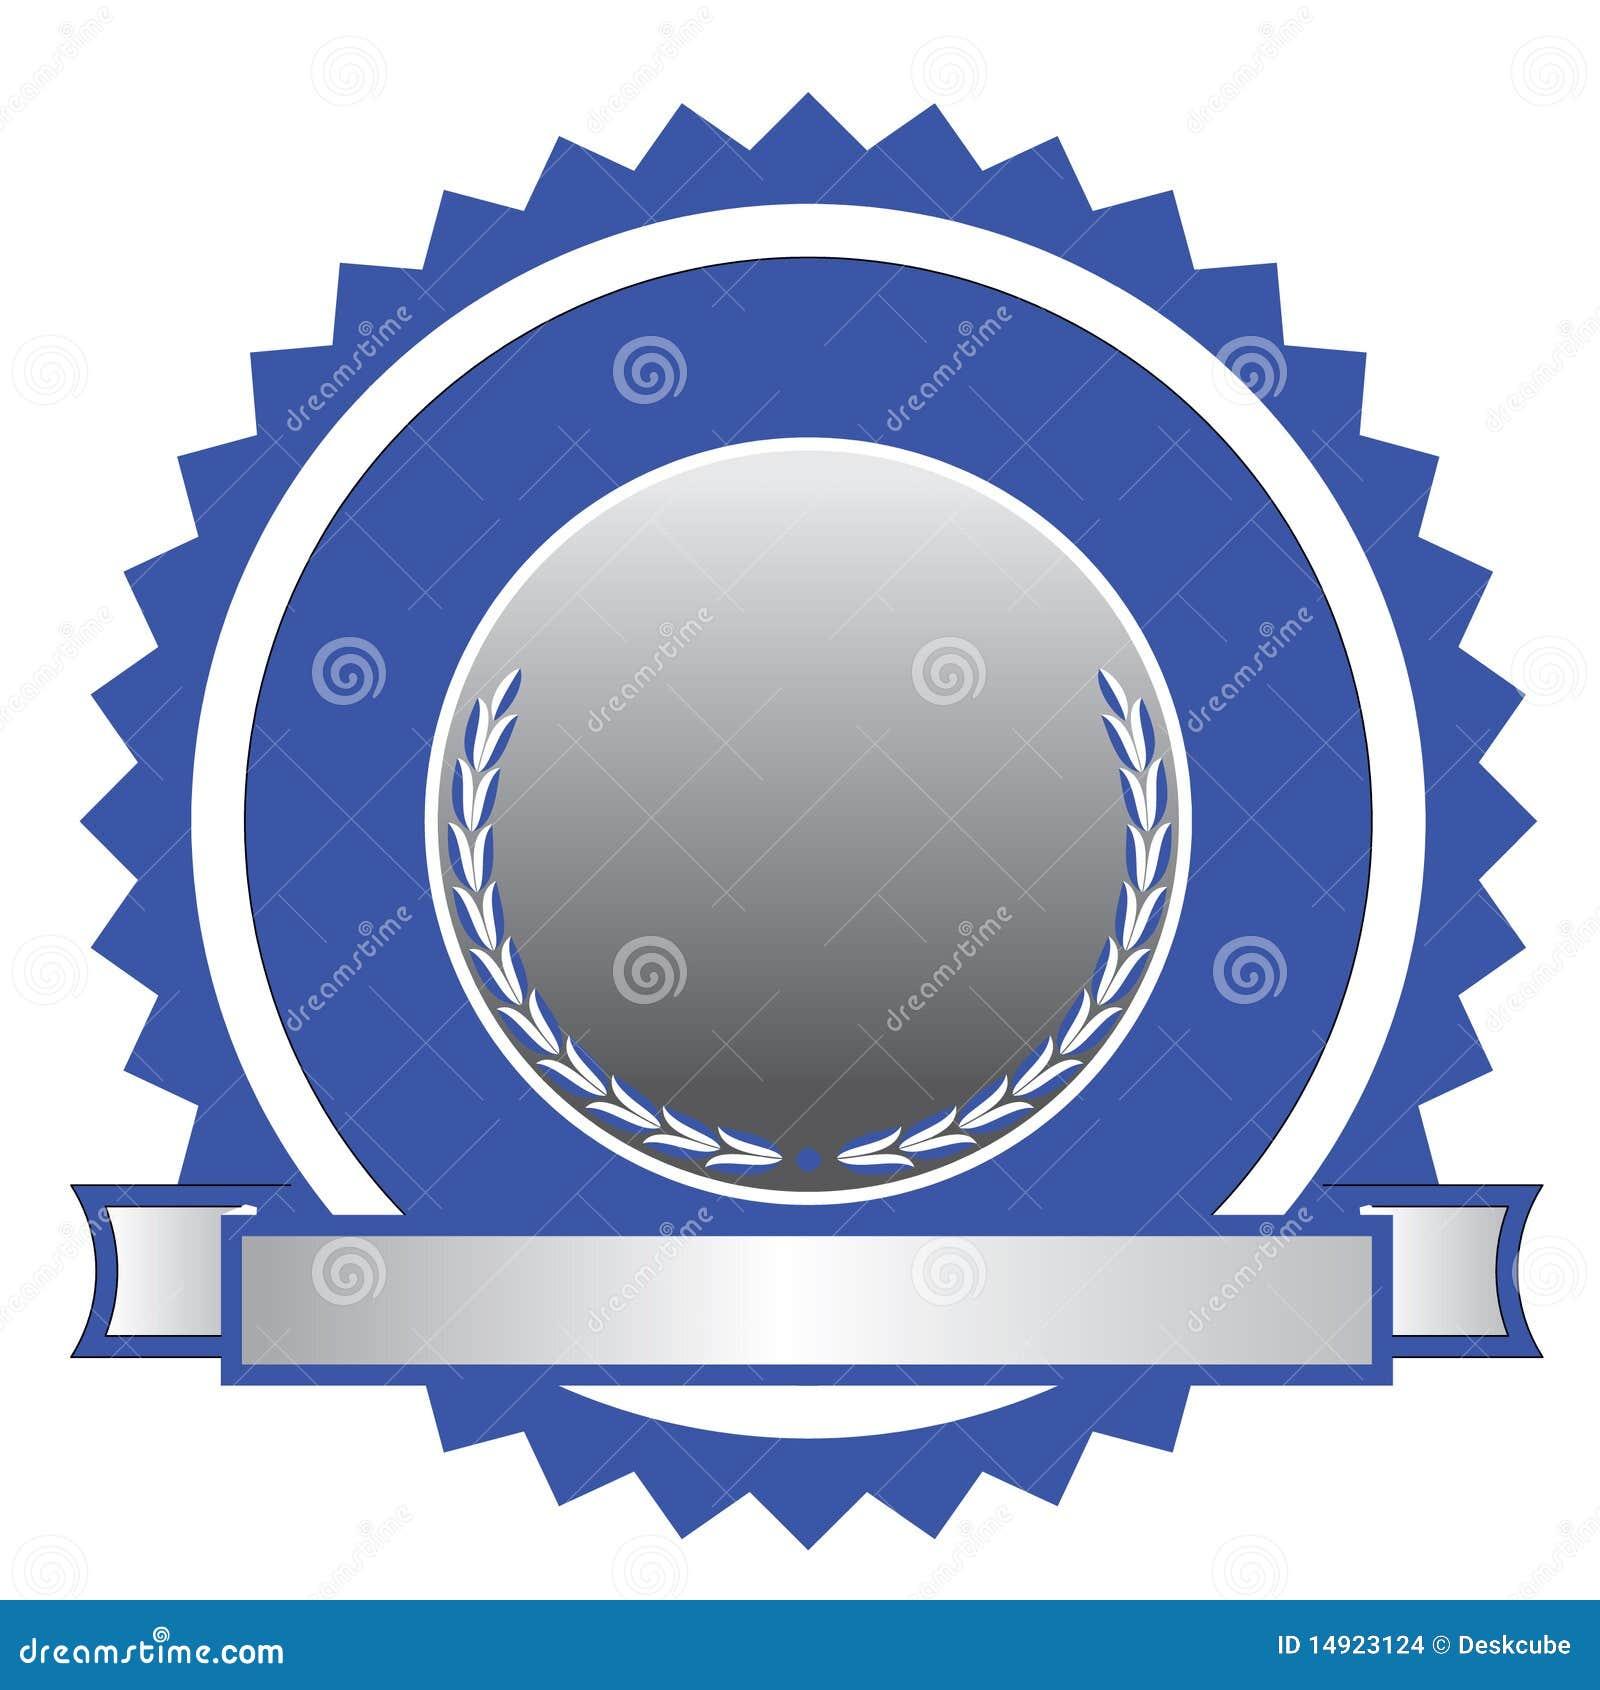 logo emblem certification stock images image 14923124